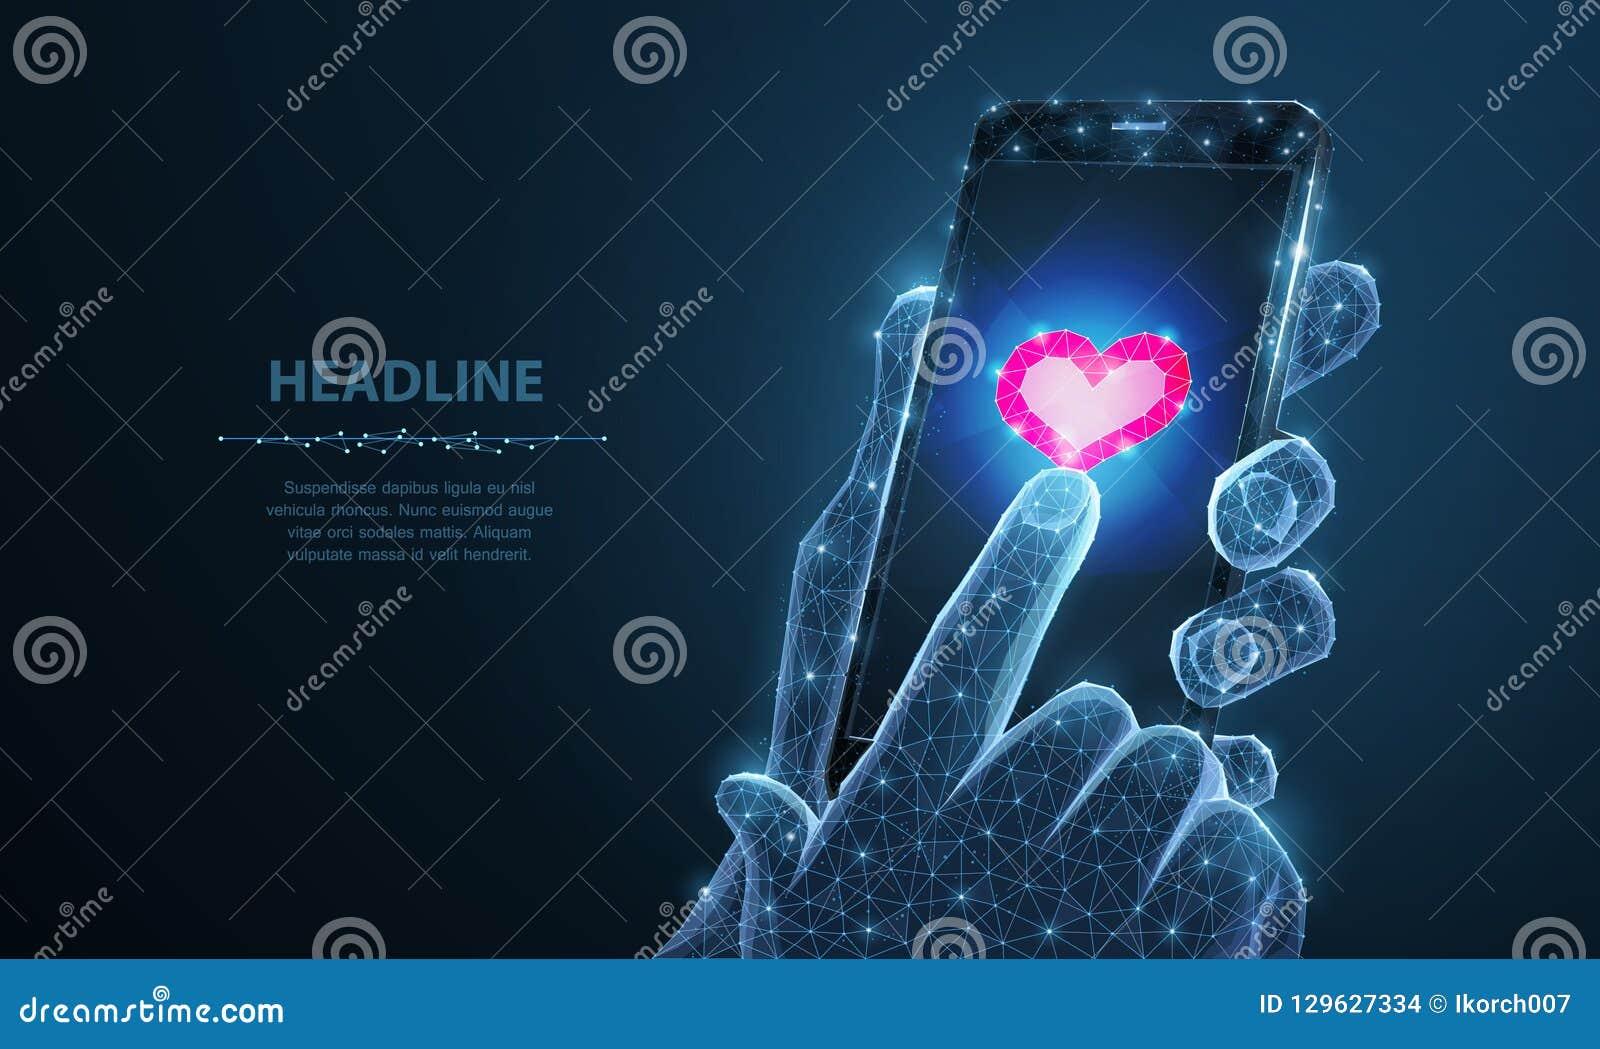 Abstrakcjonistyczna wektorowa ilustracja smartphone ikony kierowy app Odosobniony tło Walentynki, miłość romans, jak